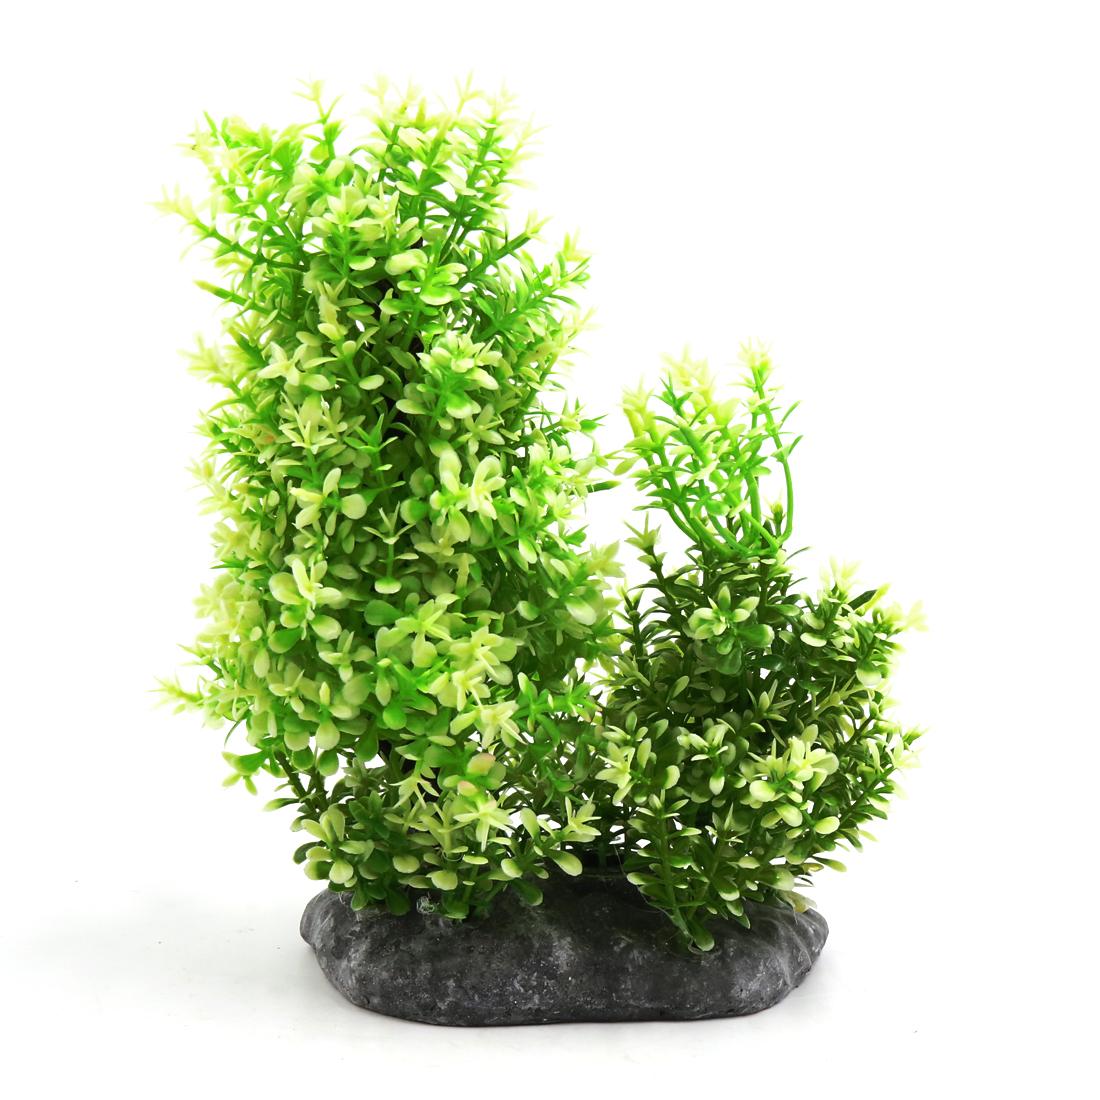 Plastic Aquarium Underwater Tree Plant Decorative Ornament w Ceramic Base